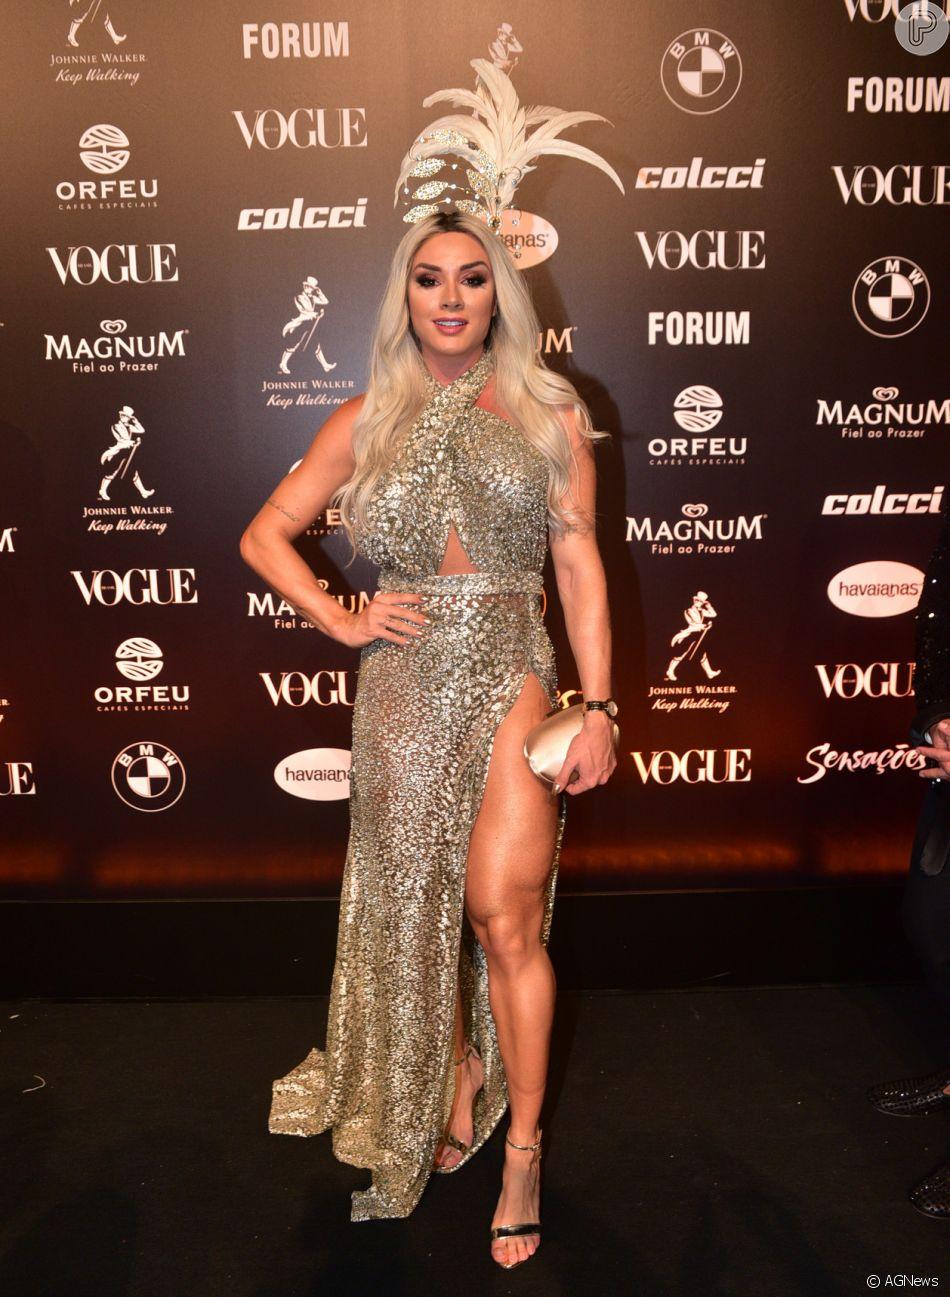 f63fec68ae34e Baile da Vogue  Mais detalhes do vestido de Juju Salimeni com recortes e  fendas